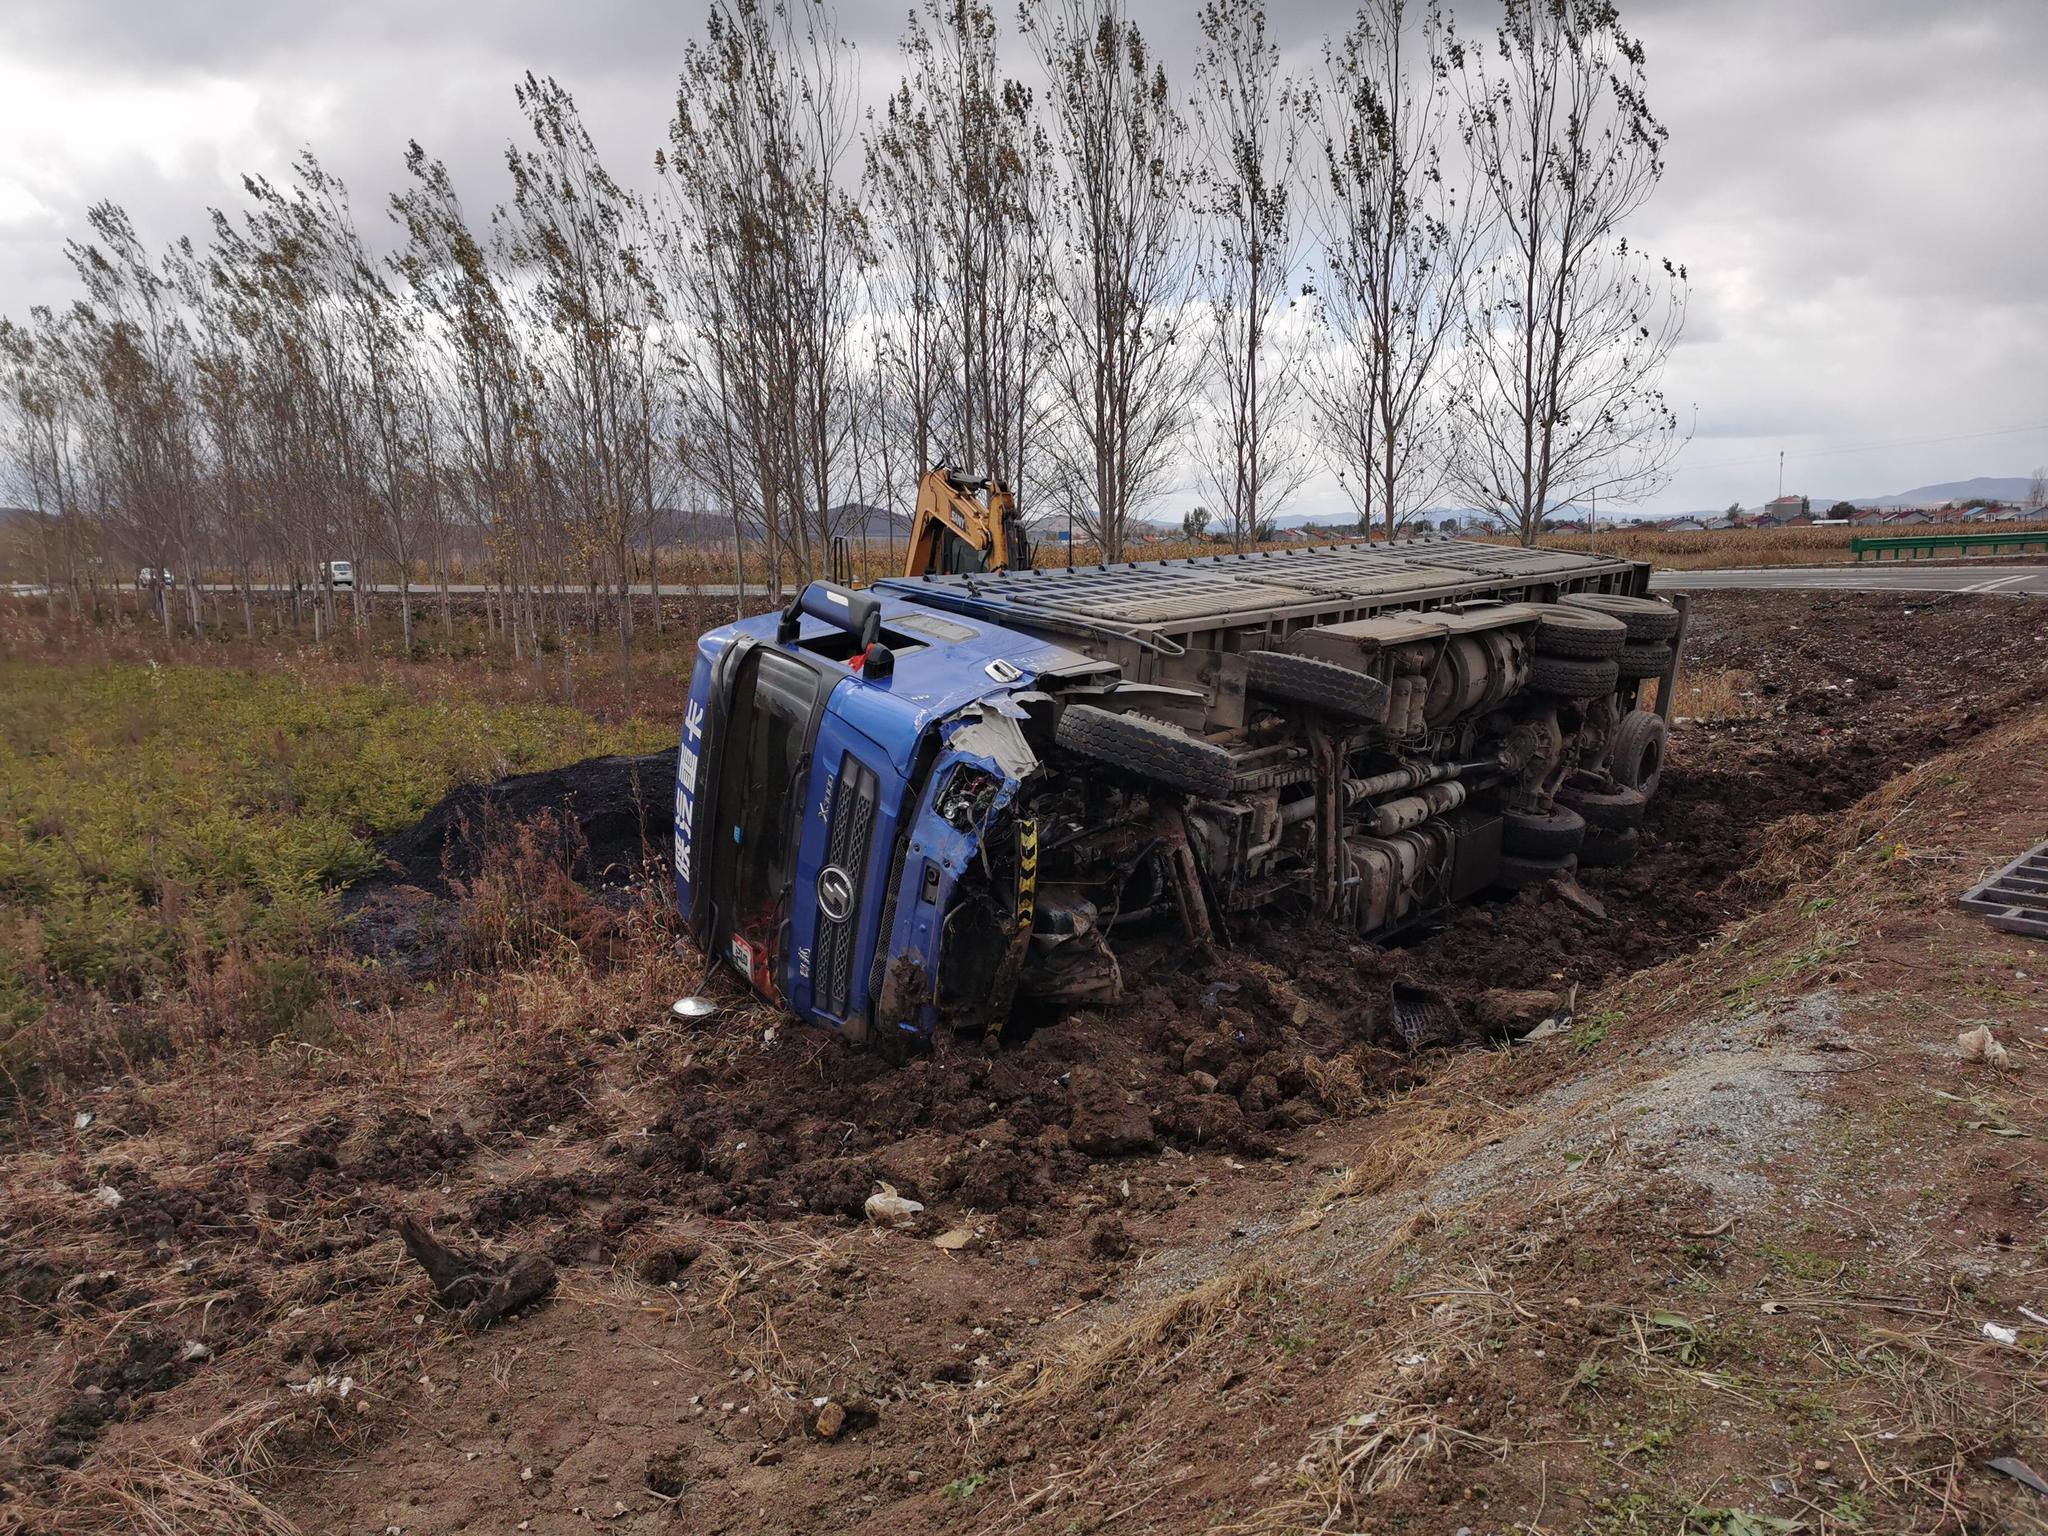 宝清县夹信子镇南外环十字路口频发交通事故两车相撞,受损严重